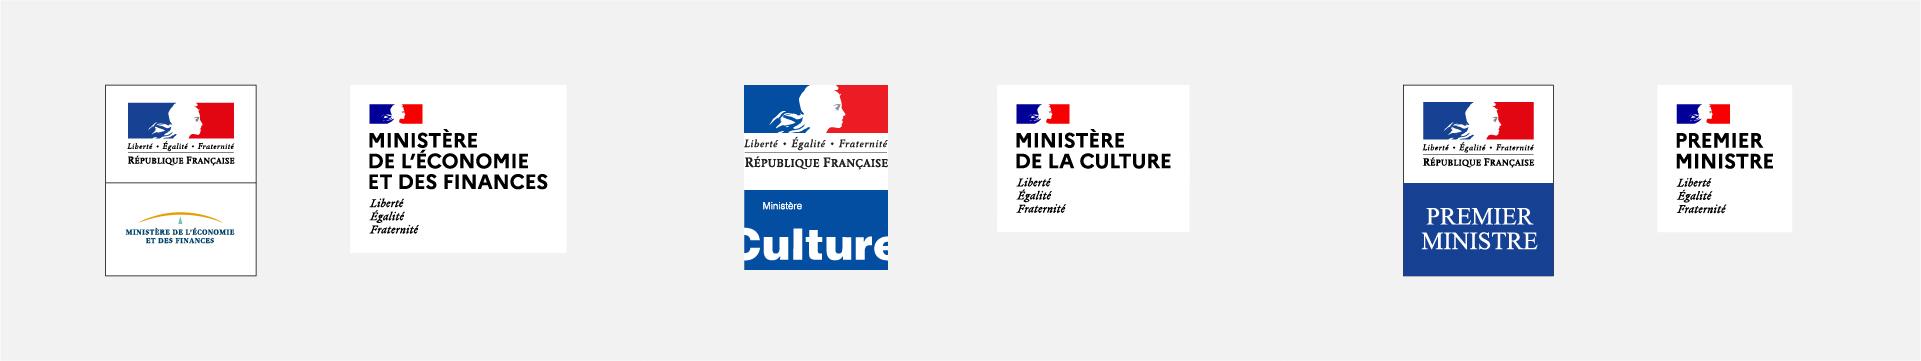 Avant après des ministères des finances, de la culture et premier ministre